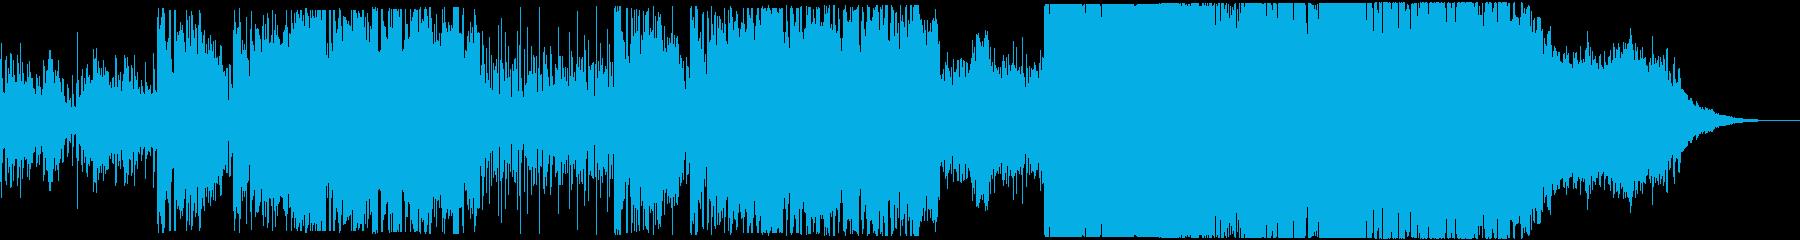 古楽器メインの不思議かわいいBGMの再生済みの波形